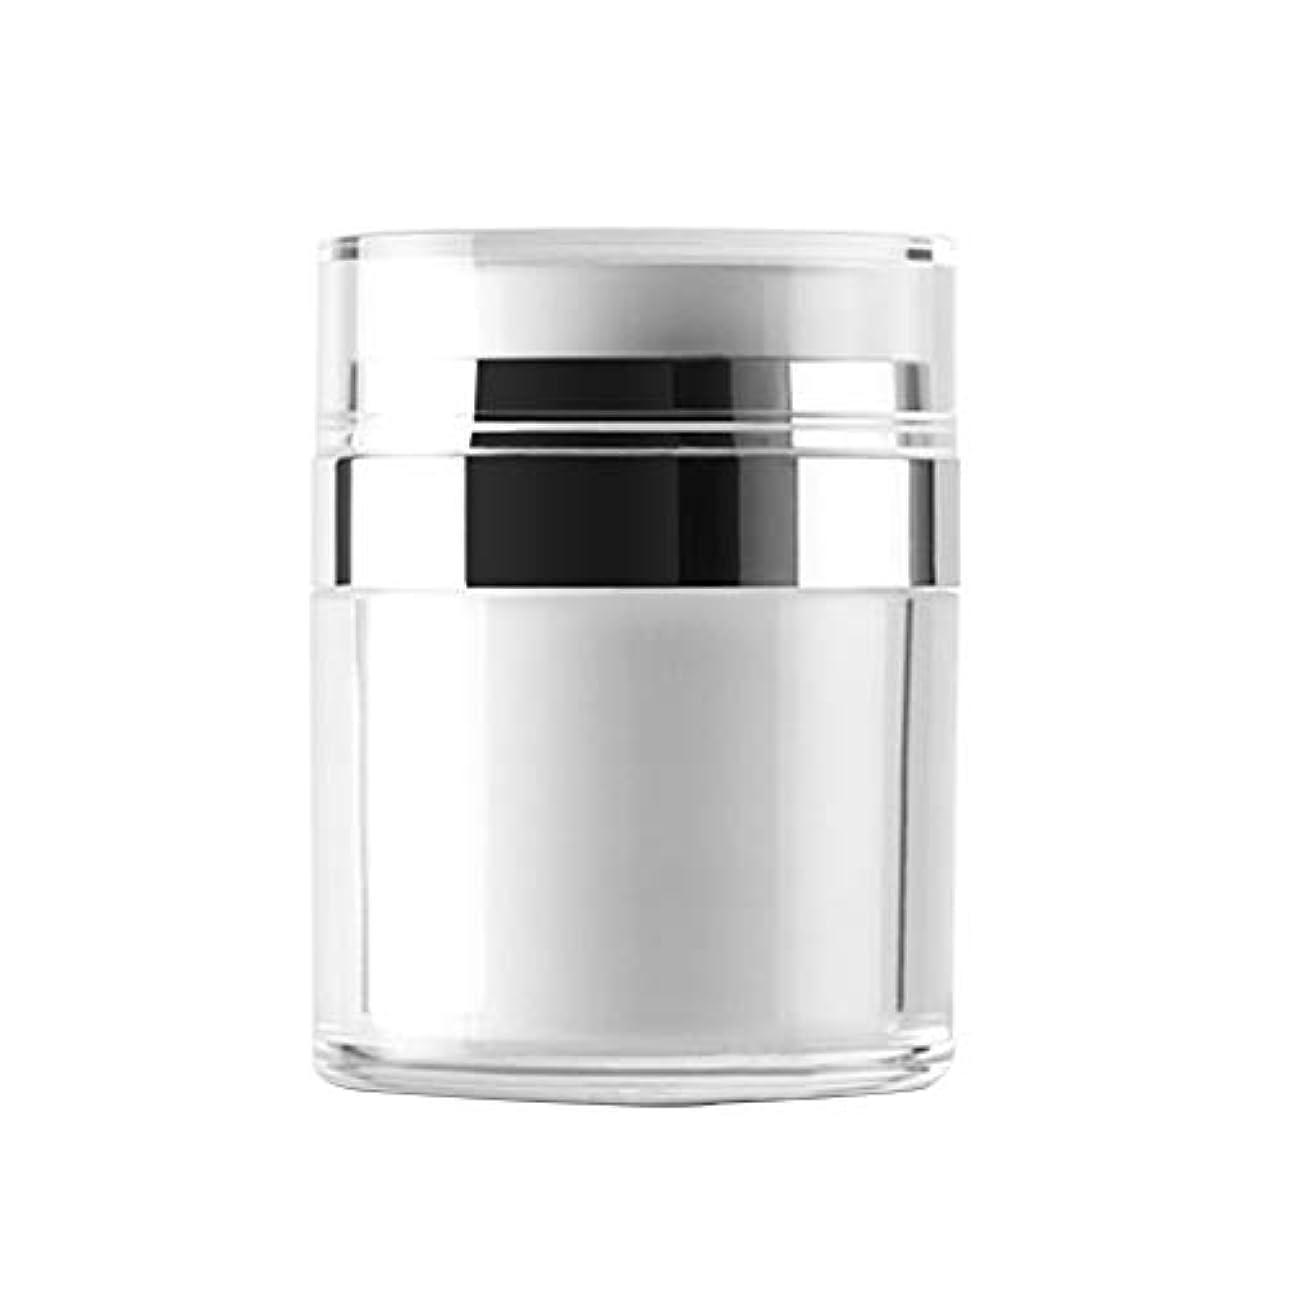 囚人フィット側溝Vi.yo 小分け容器 トラベルボトル 真空押し式詰替用ボトル 携帯用 旅行 出張用 クリーム 軟膏 乳液など入り 30g